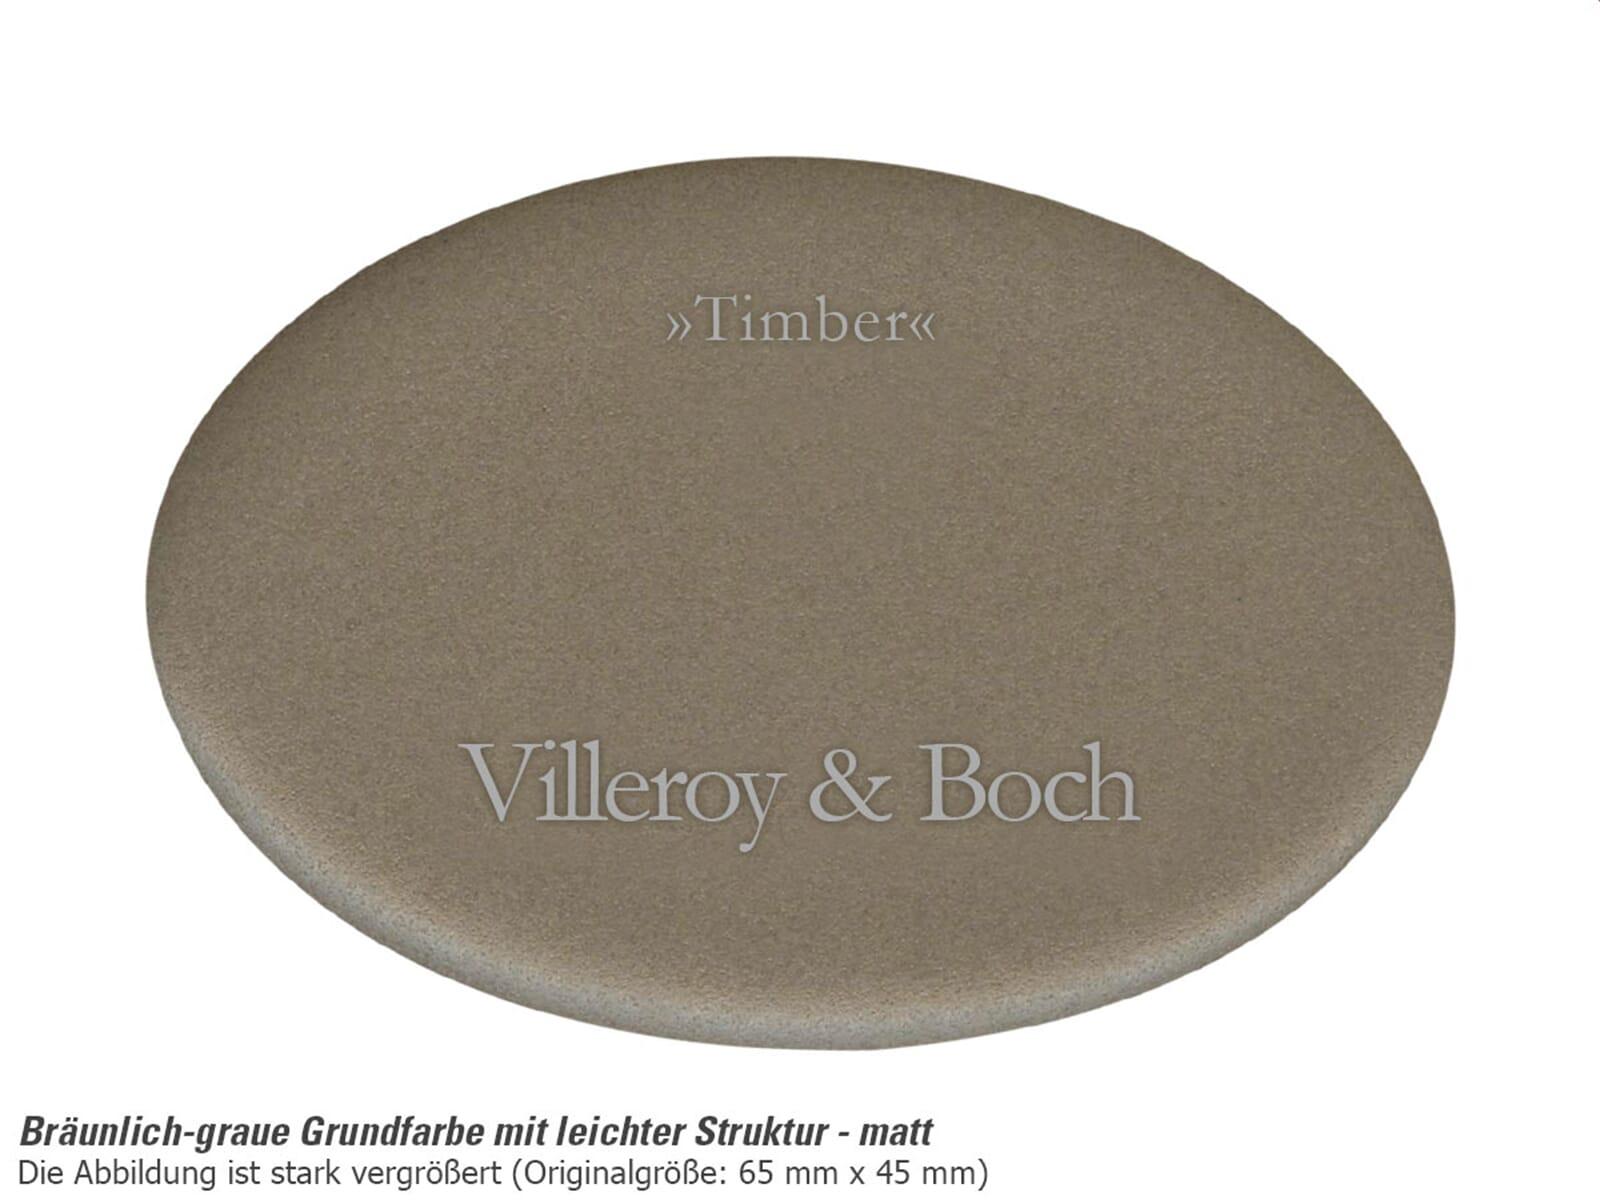 Villeroy & Boch Subway 45 Timber - 6714 02 TR Keramikspüle Exzenterbetätigung